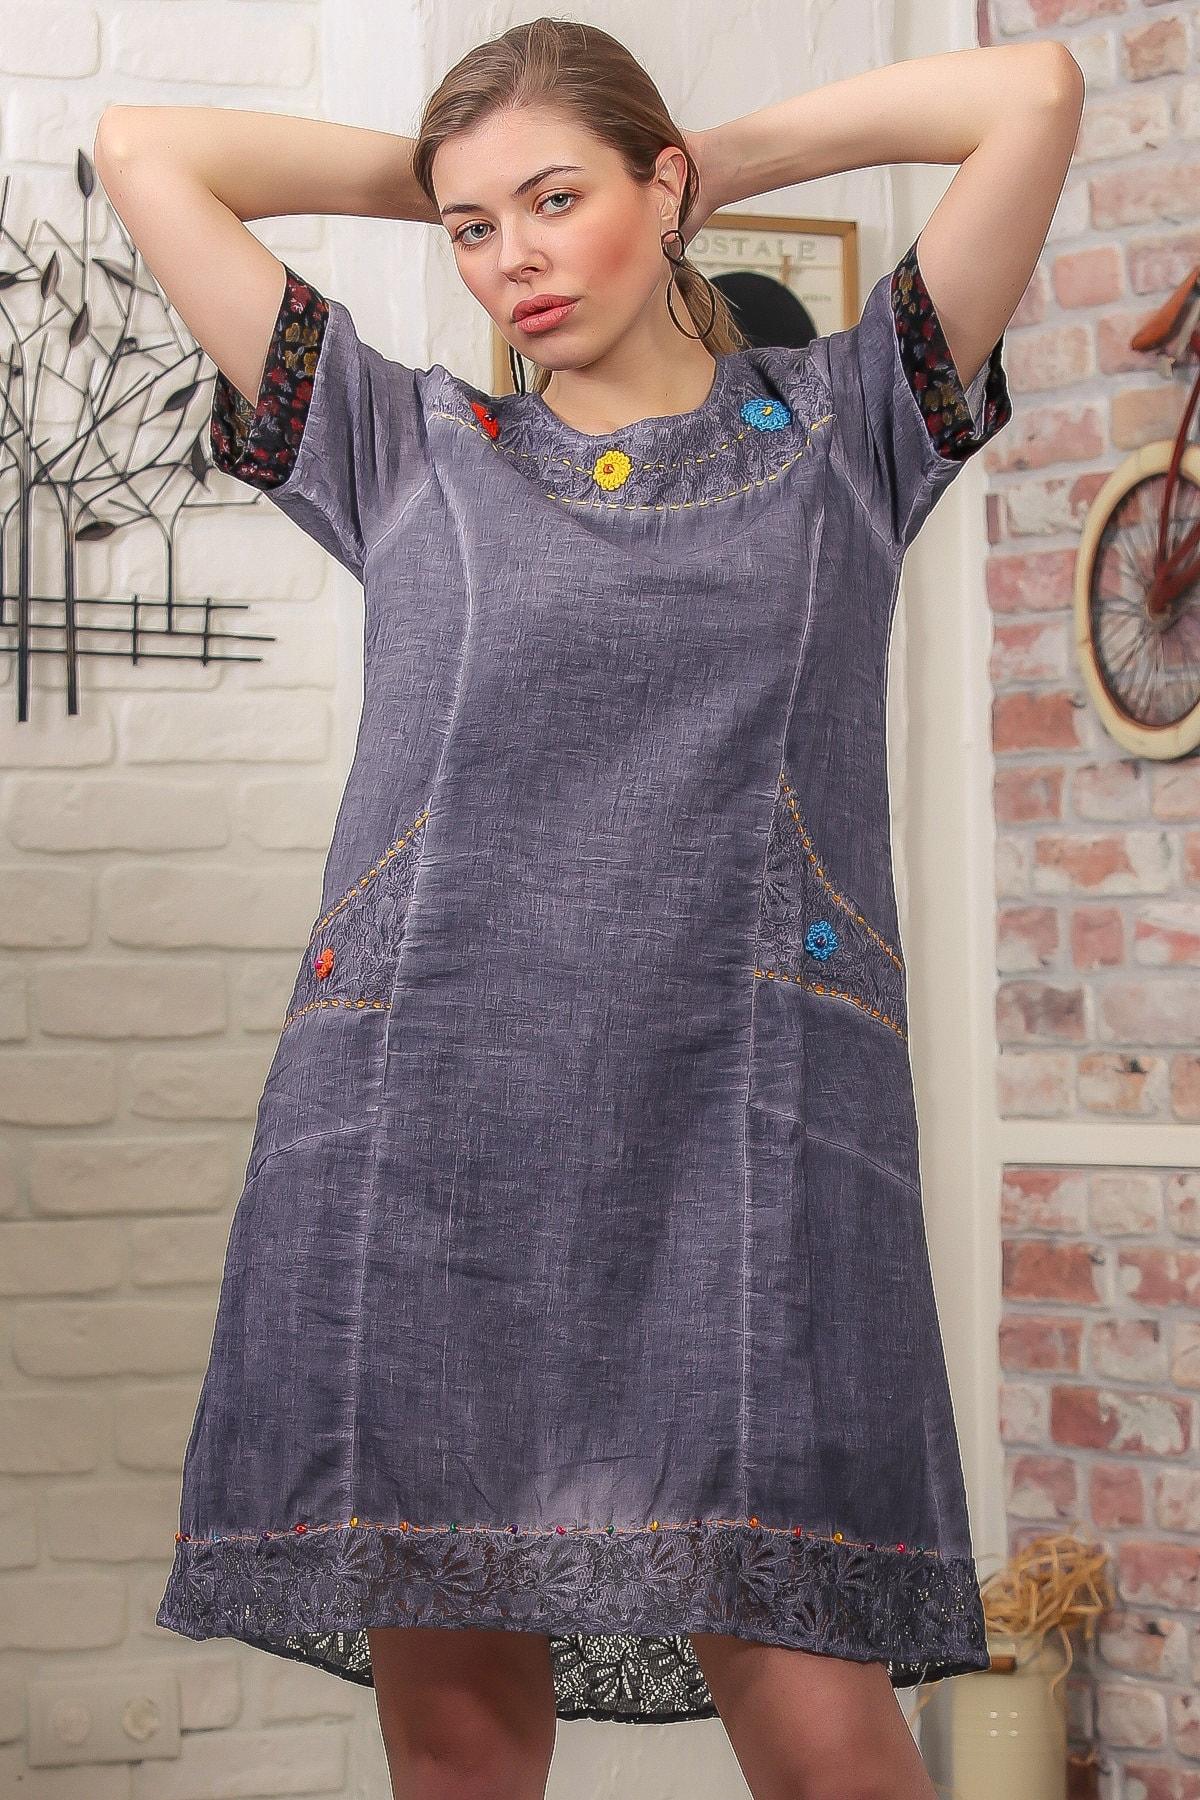 Chiccy Kadın Füme Robası Dantel El İşi Çiçek Detay Cepli Astarlı Yıkamalı Dokuma Elbise M10160000EL95870